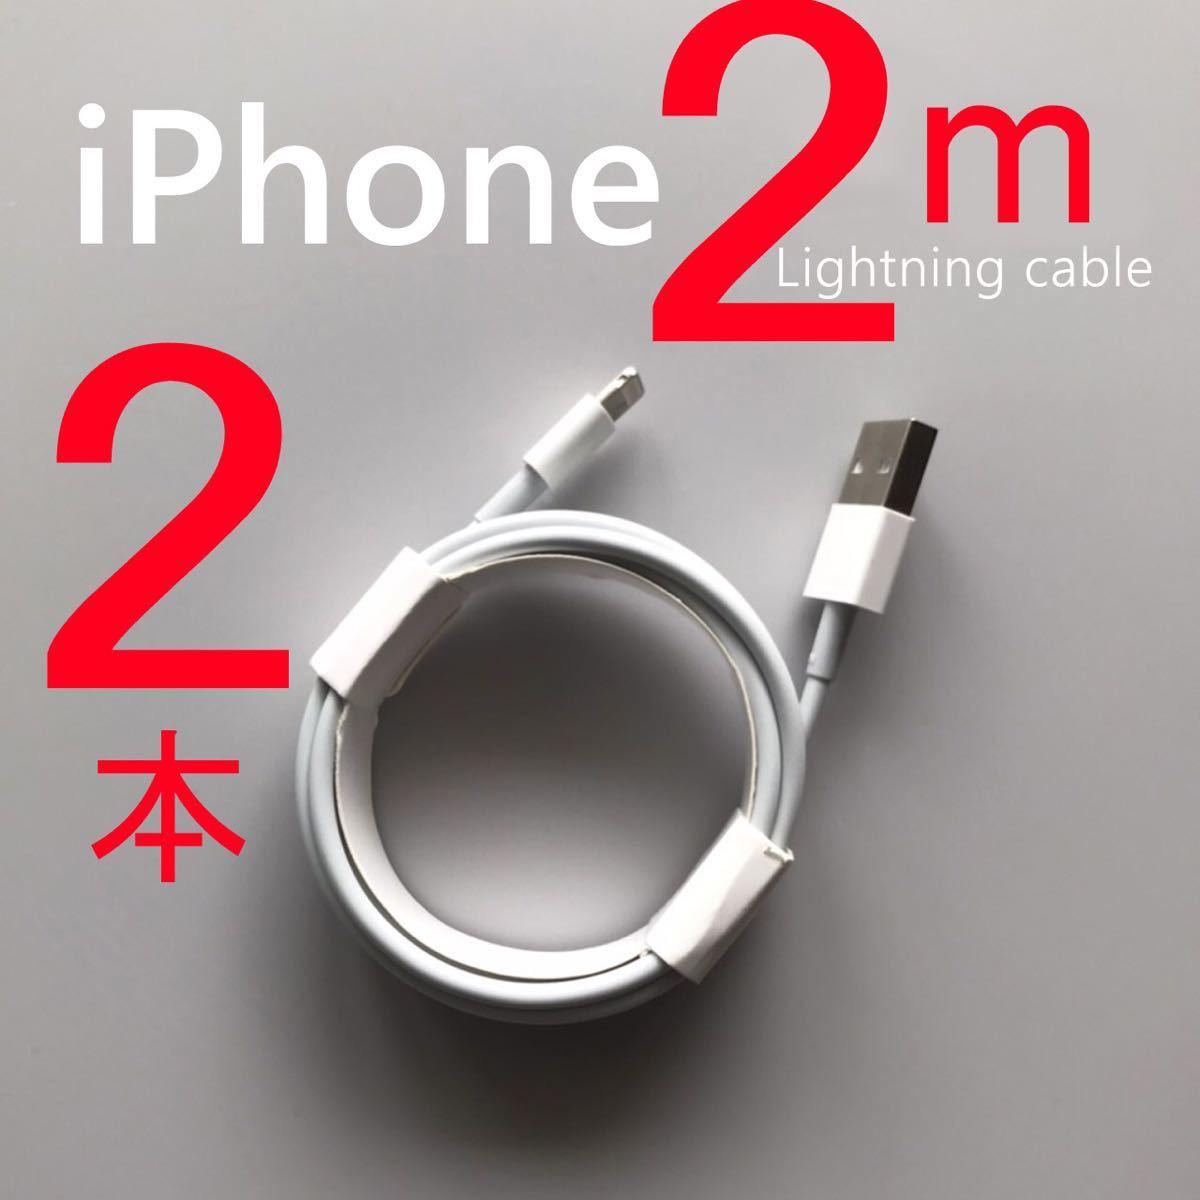 充電ケーブル ライトニング ケーブル lightning  iPhone  ケーブル 2m 2本